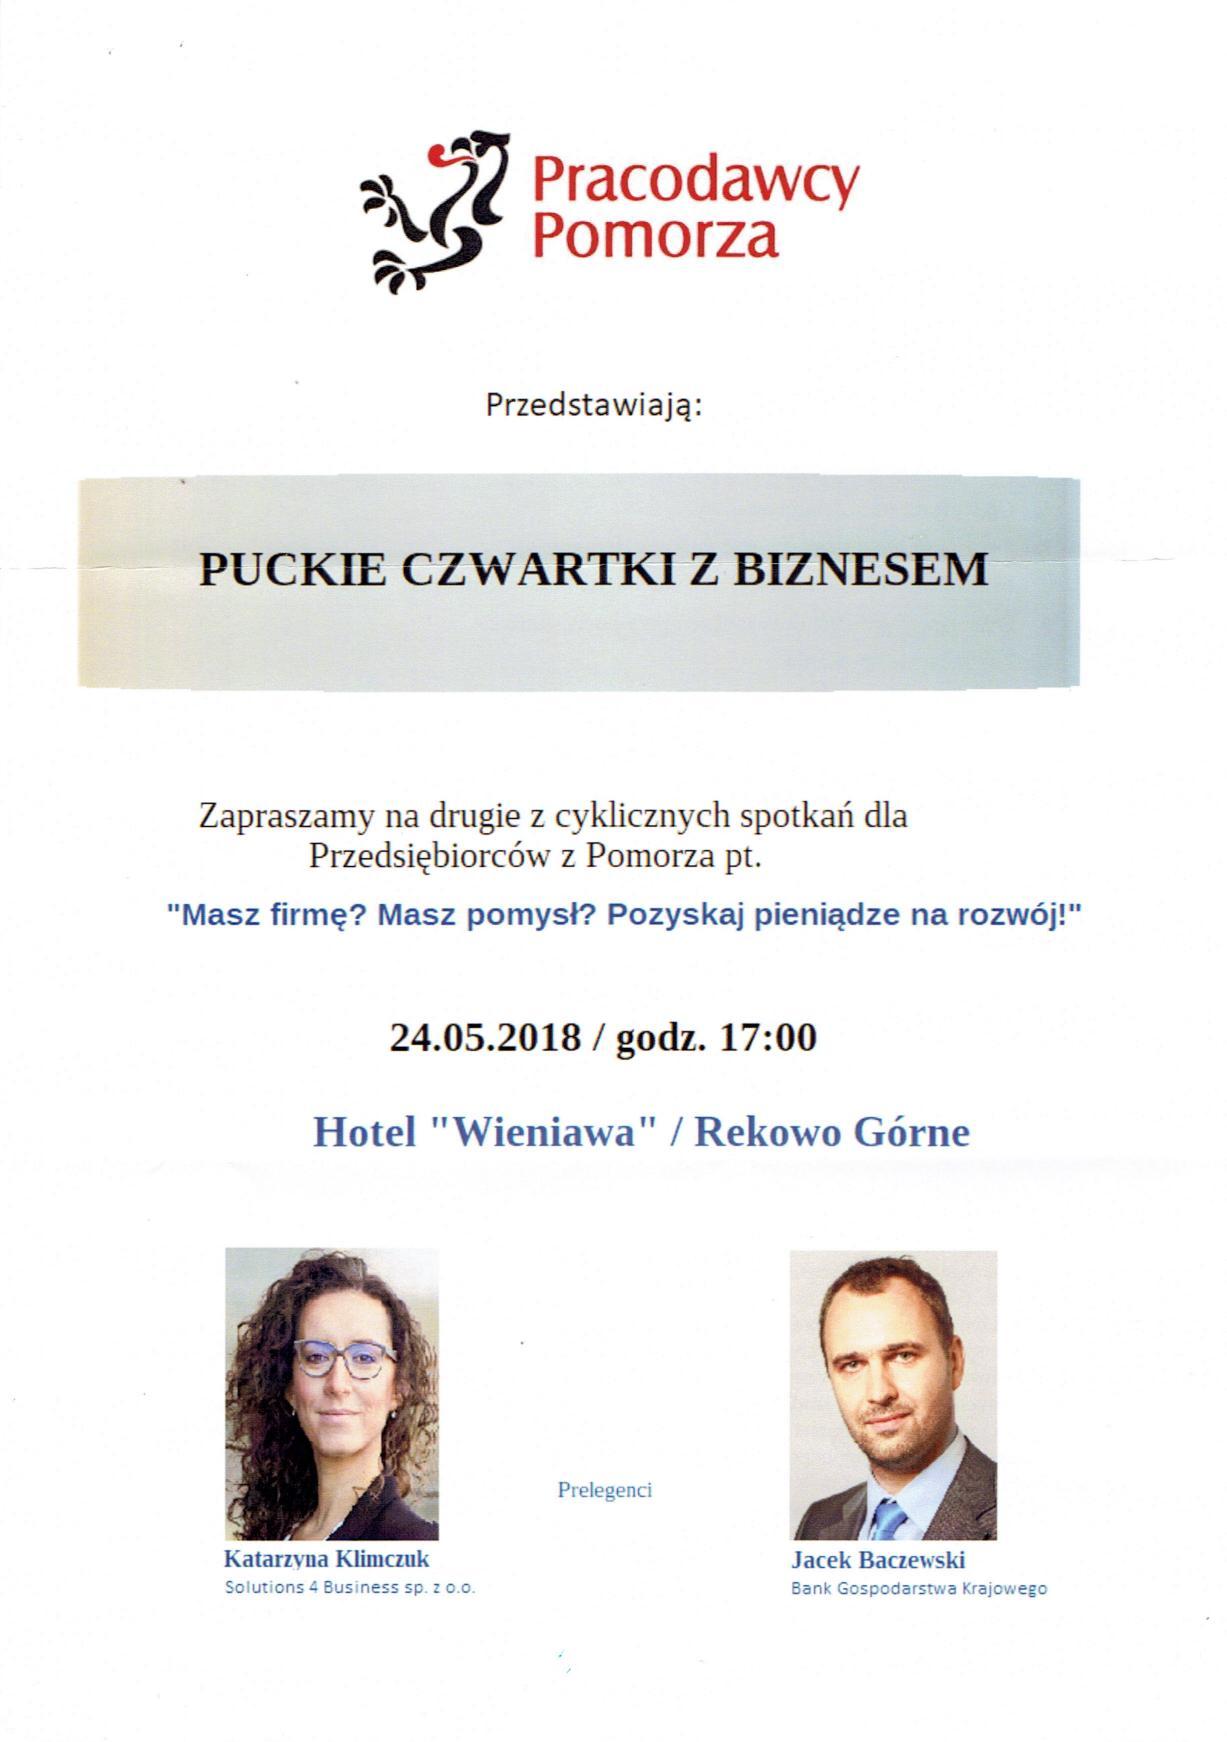 PUCKIE CZWARTKI Z BIZNESEM_24.05.2018_01